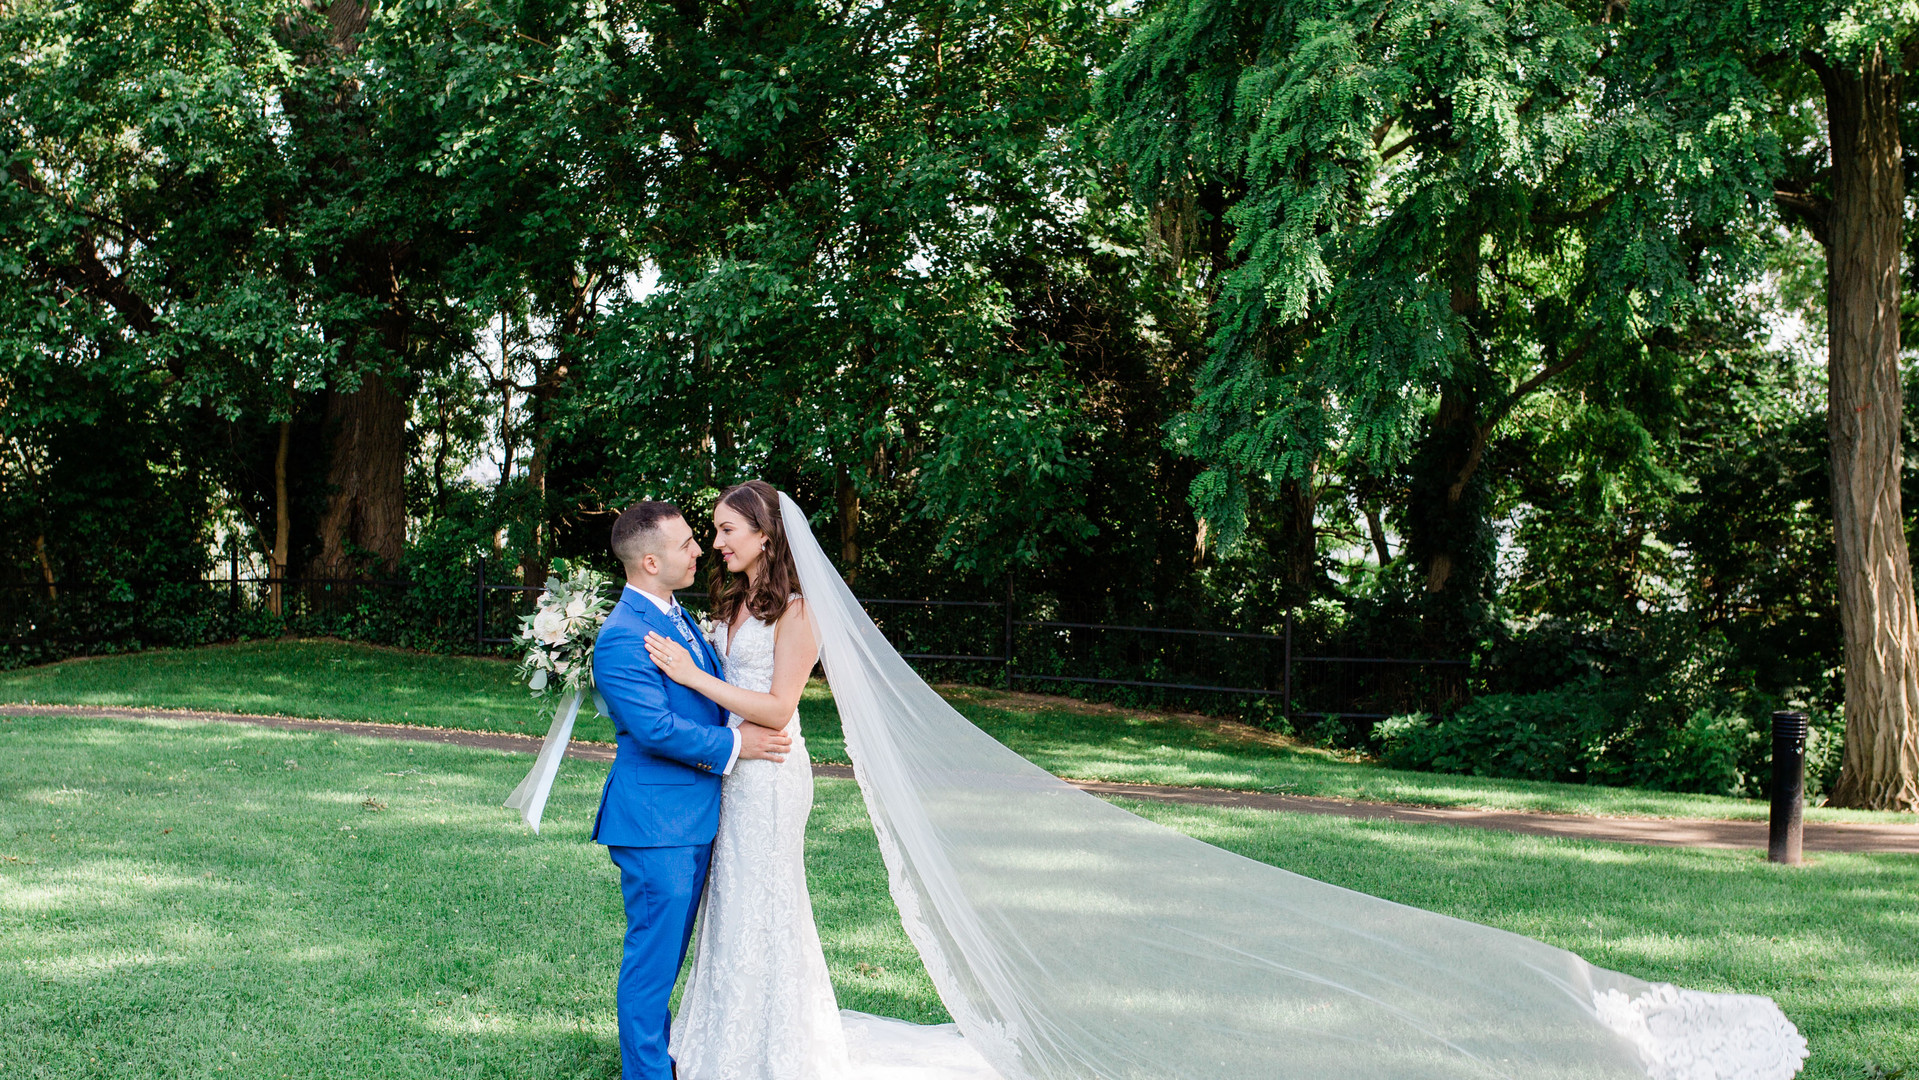 R&D_la_salle_wedding_burlington-9052_02.